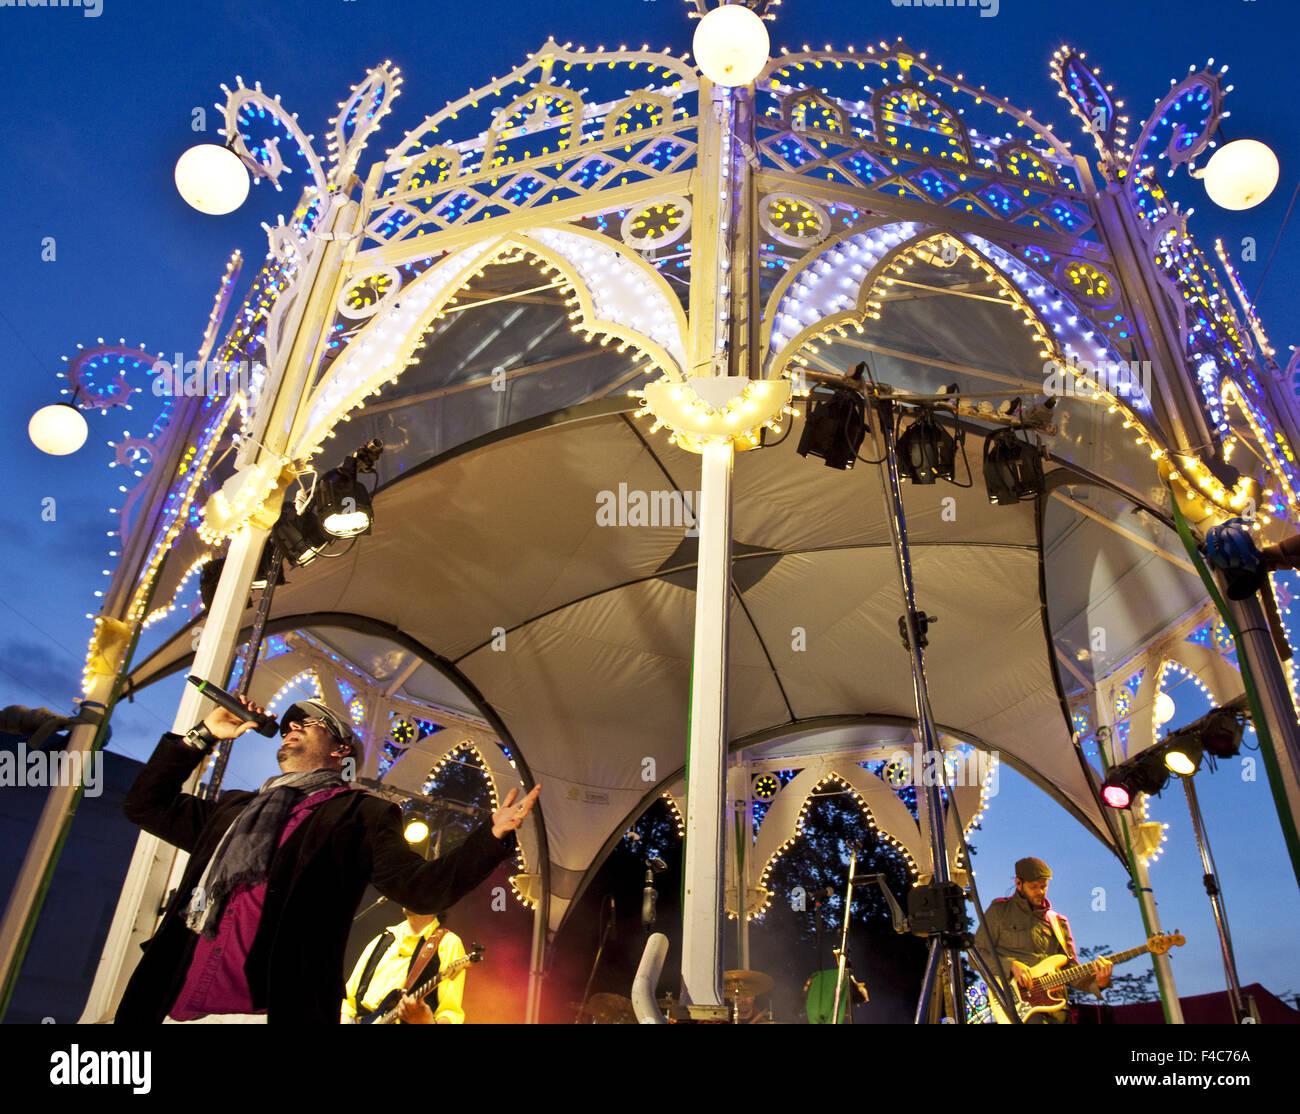 Event Una Festa Italiana, Unna, Deutschland Stockbild